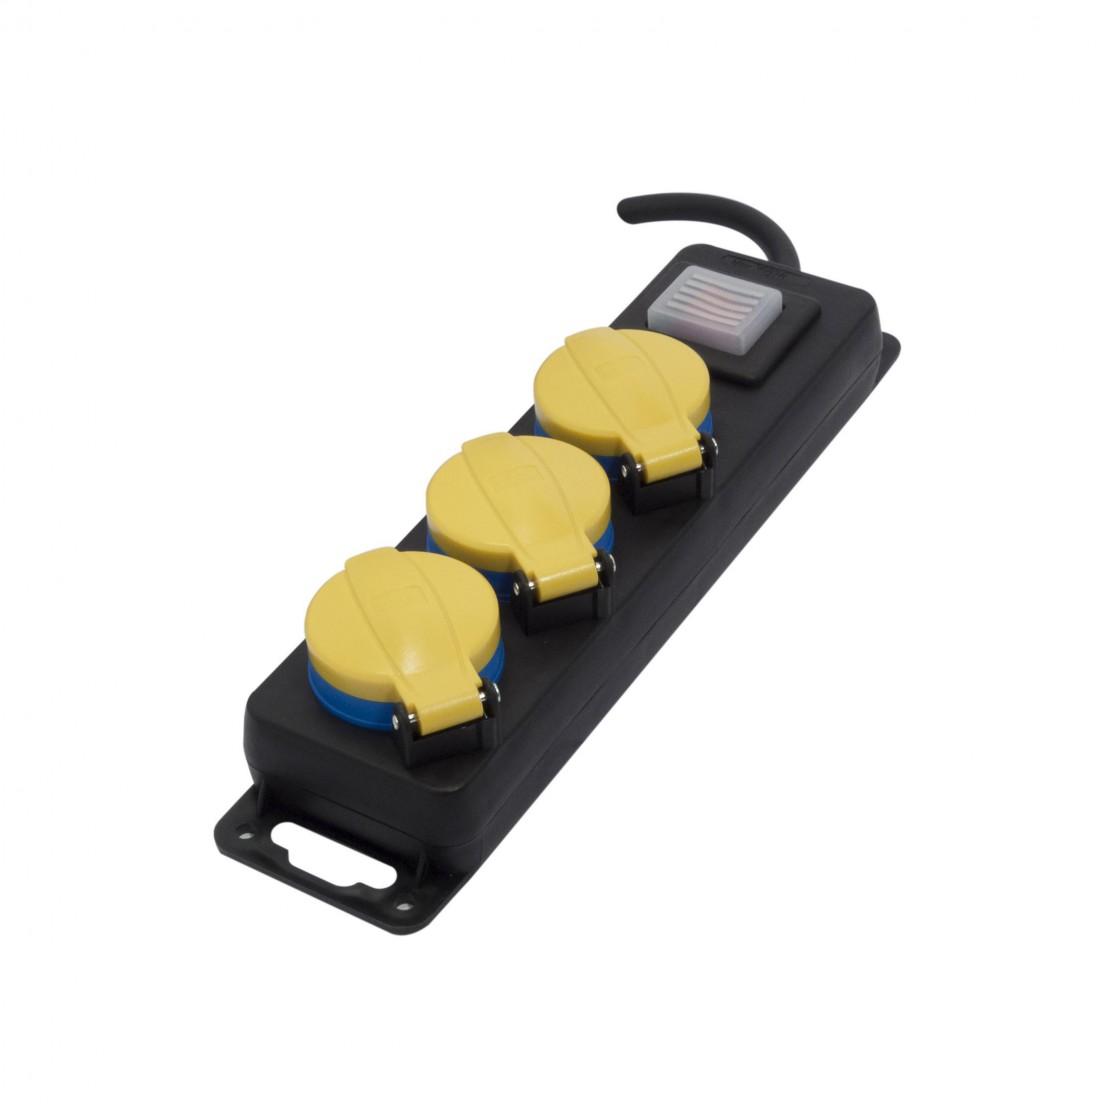 Multistekker 3 x 16A spatwaterdichtmet schakelaar - 3m (SCH)geel en zwart